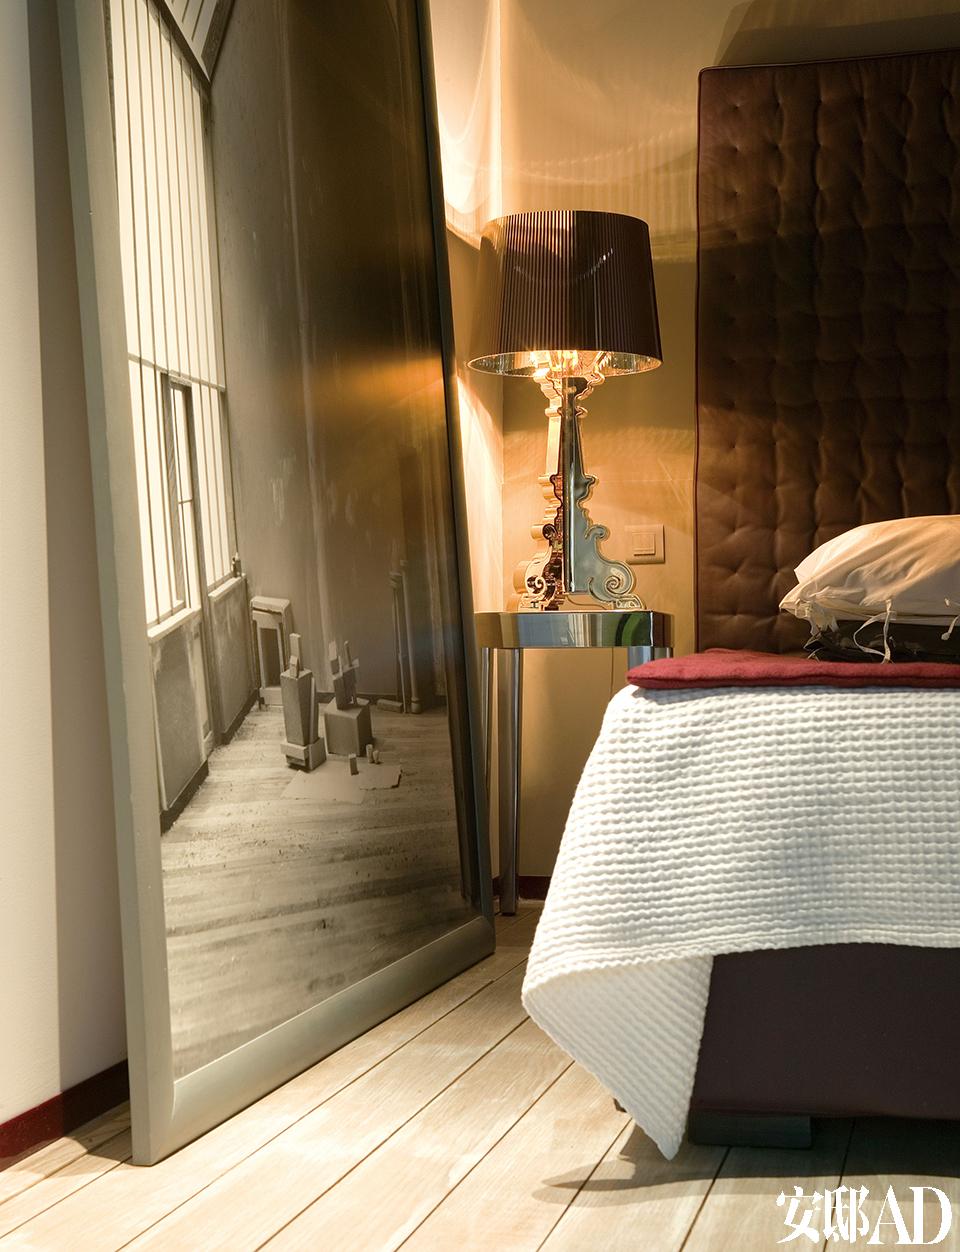 巨幅摄影作品揭示了这个家作为陶艺工作室的前身, 灰色调子中透出一丝属于往日的宁静。卧室铺装了淡雅的铅白色实木复合地板。真皮折叠床来自Orrizonti,金色的Bourgie台灯来自Kartell。巨幅摄影作品由Philippe Decobert创作。